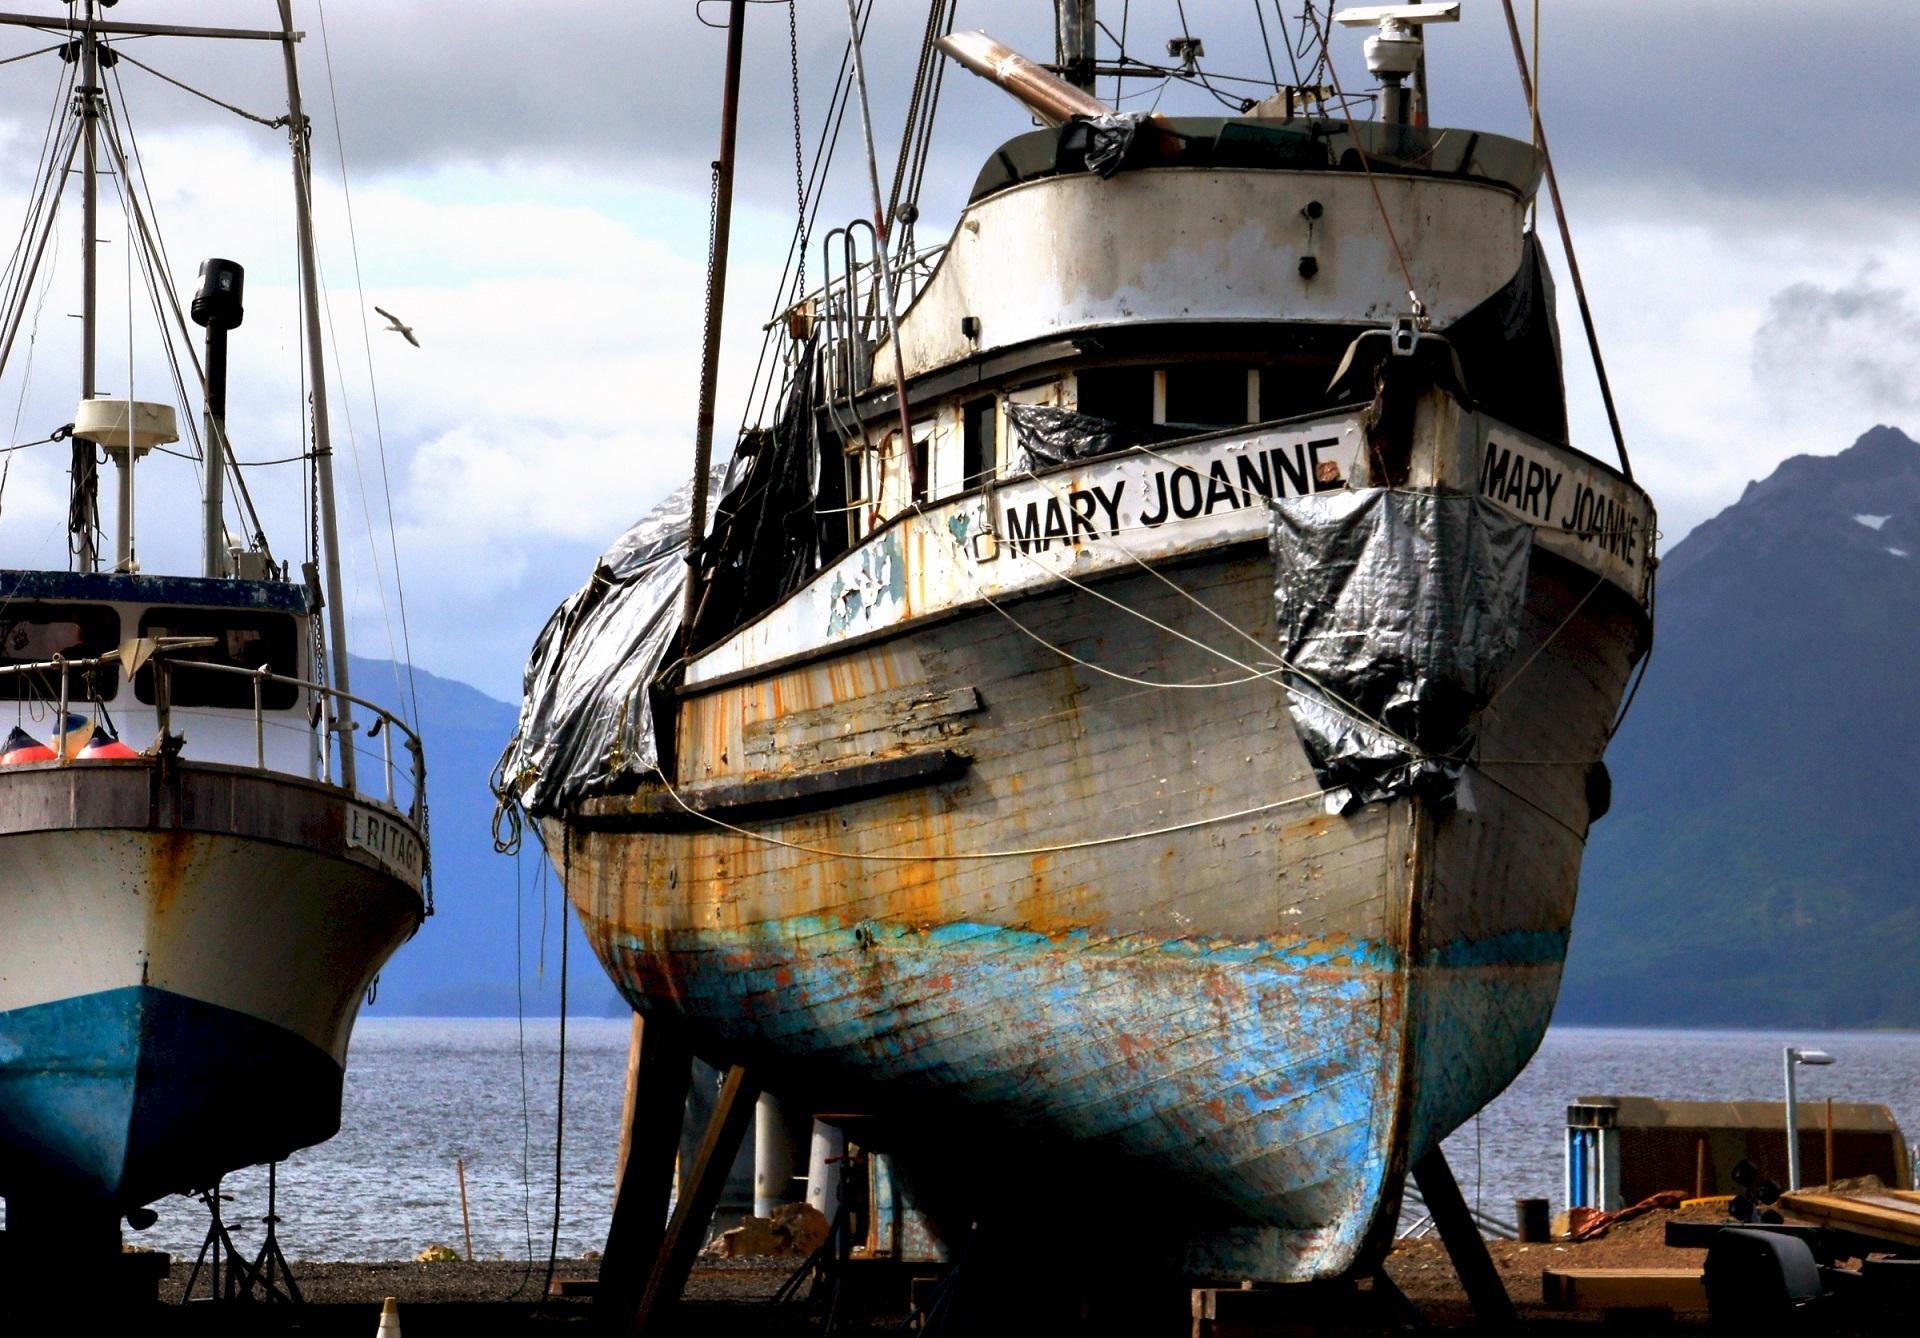 Fishing Boats, Boat, Cruise, Fishing, Ocean, HQ Photo